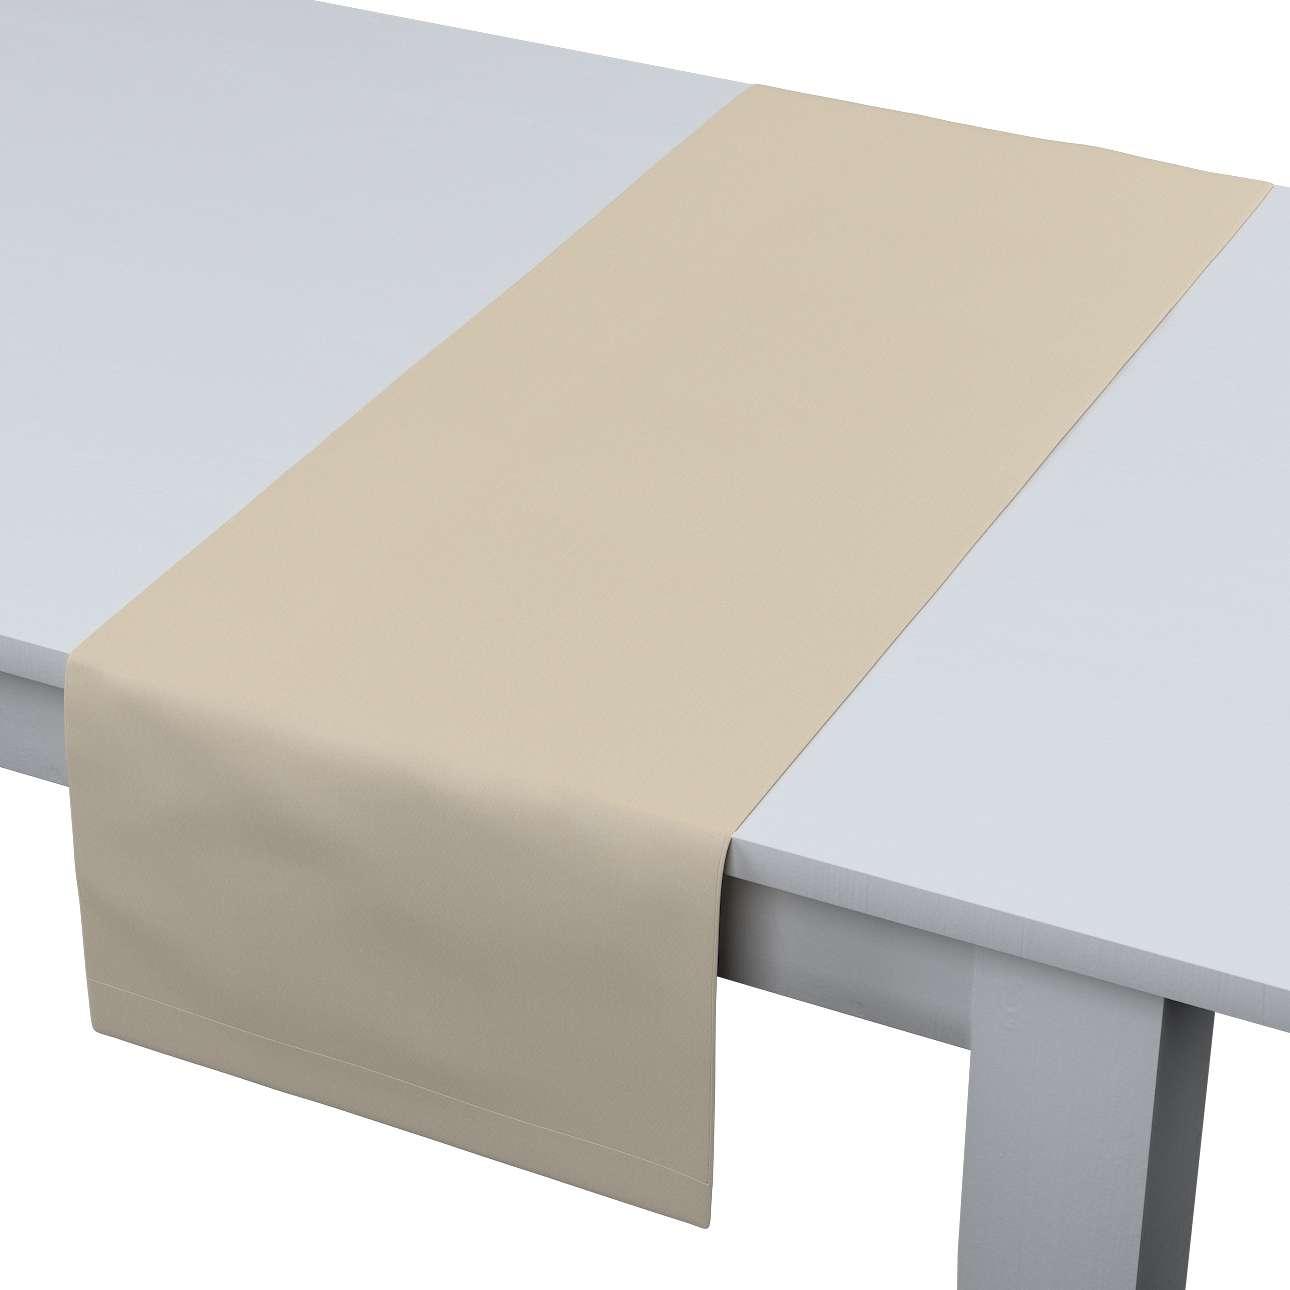 Rechteckiger Tischläufer 40 x 130 cm von der Kollektion Damasco, Stoff: 141-73